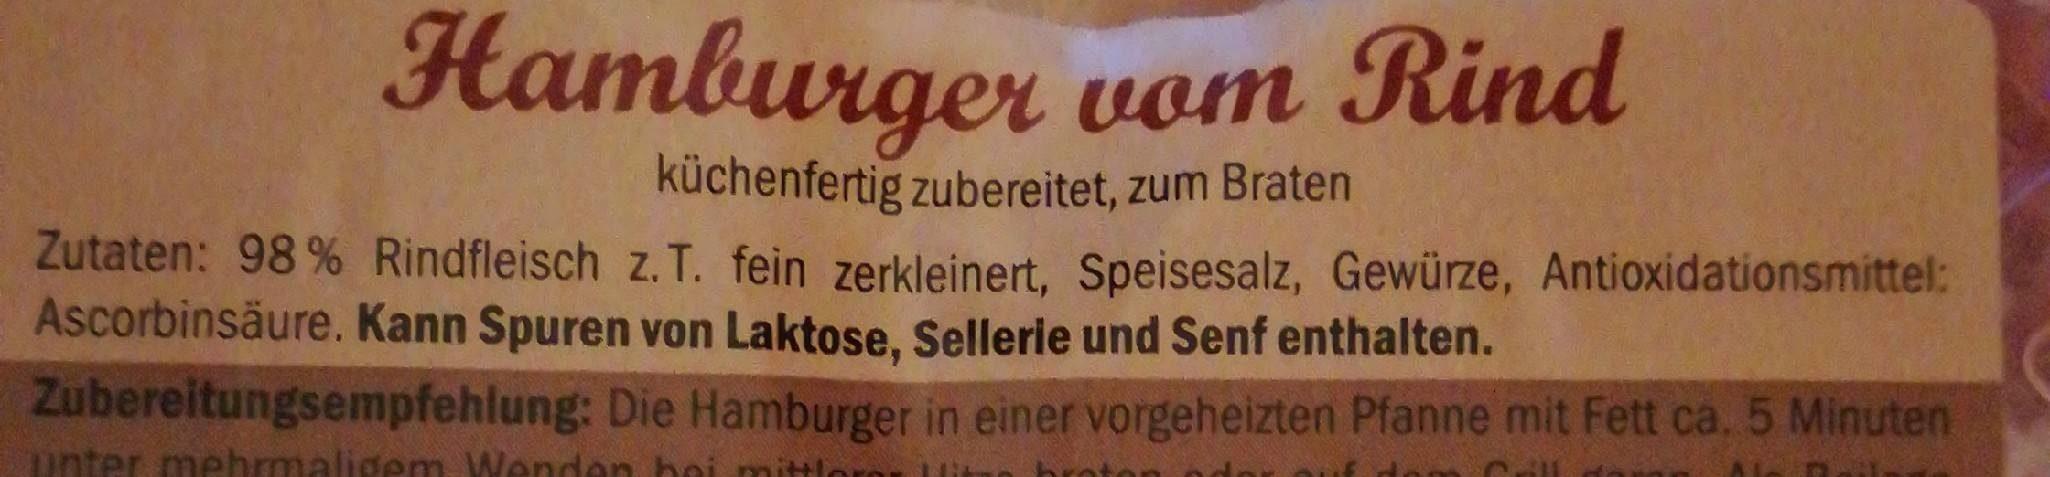 Hamburger vom Rind - Ingrédients - fr